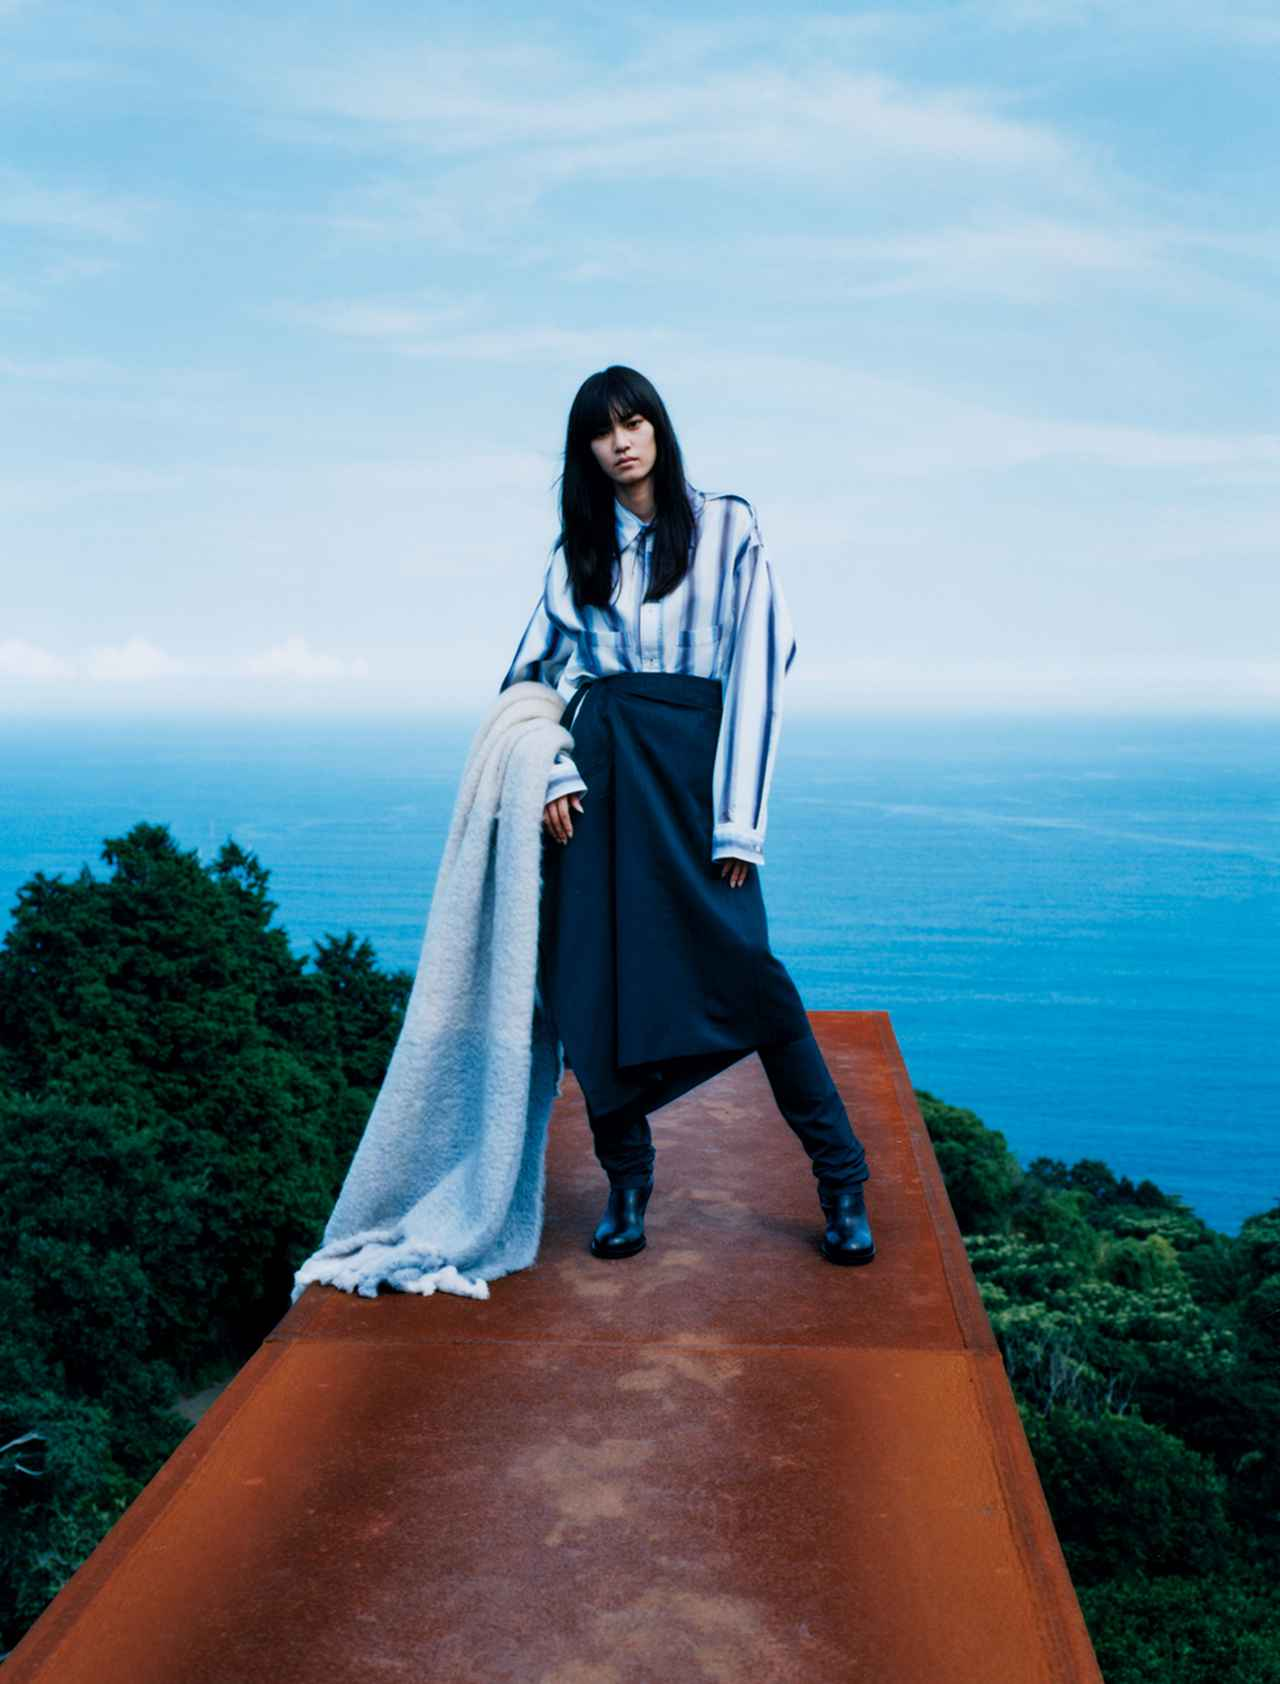 Images : 5番目の画像 - 「時代を超えるファッションと建築」のアルバム - T JAPAN:The New York Times Style Magazine 公式サイト